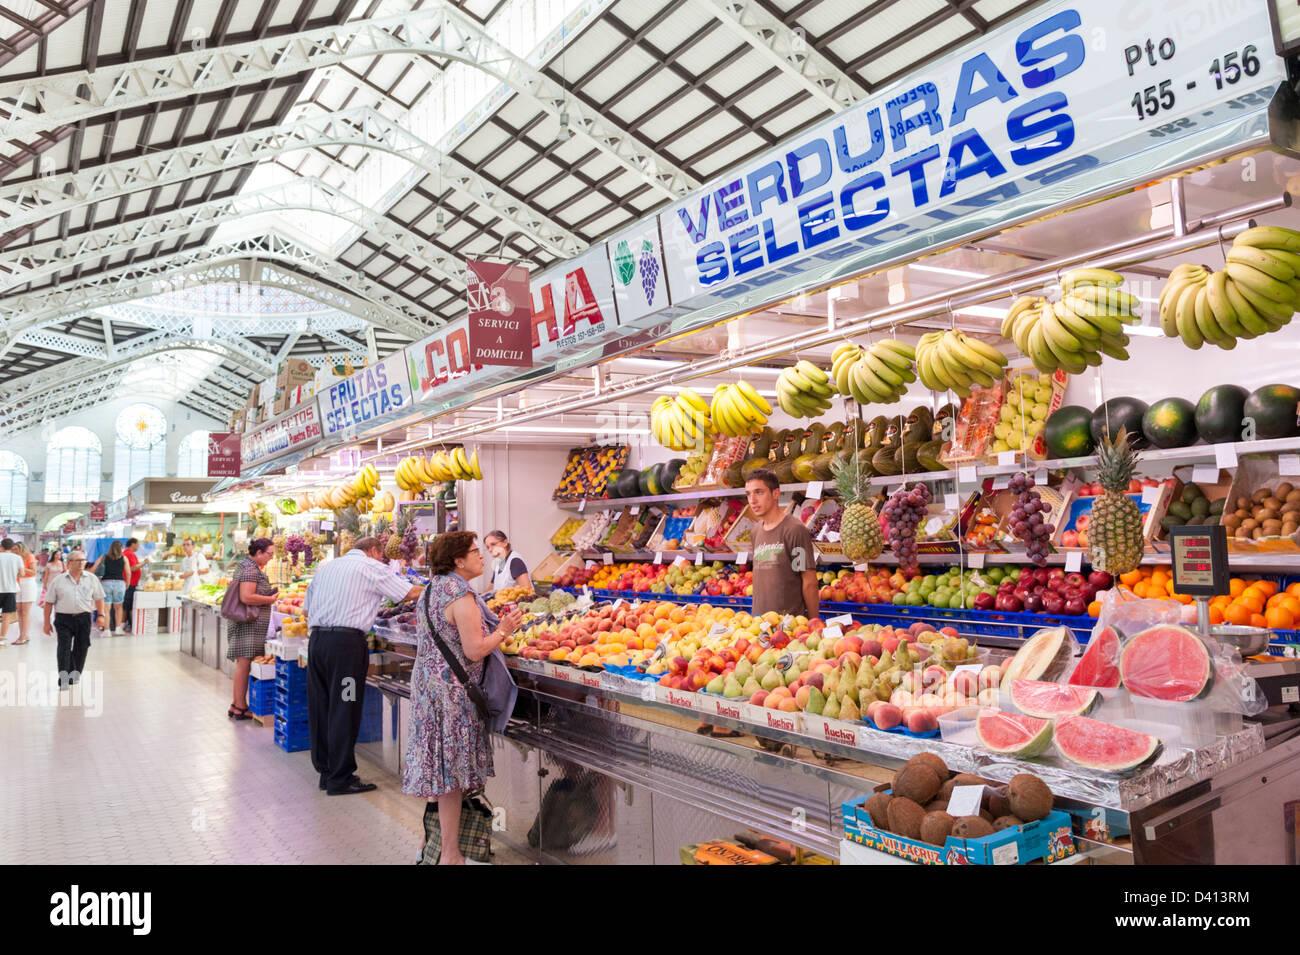 Calado de frutas y verduras en el Mercado Central, Valencia, España Imagen De Stock